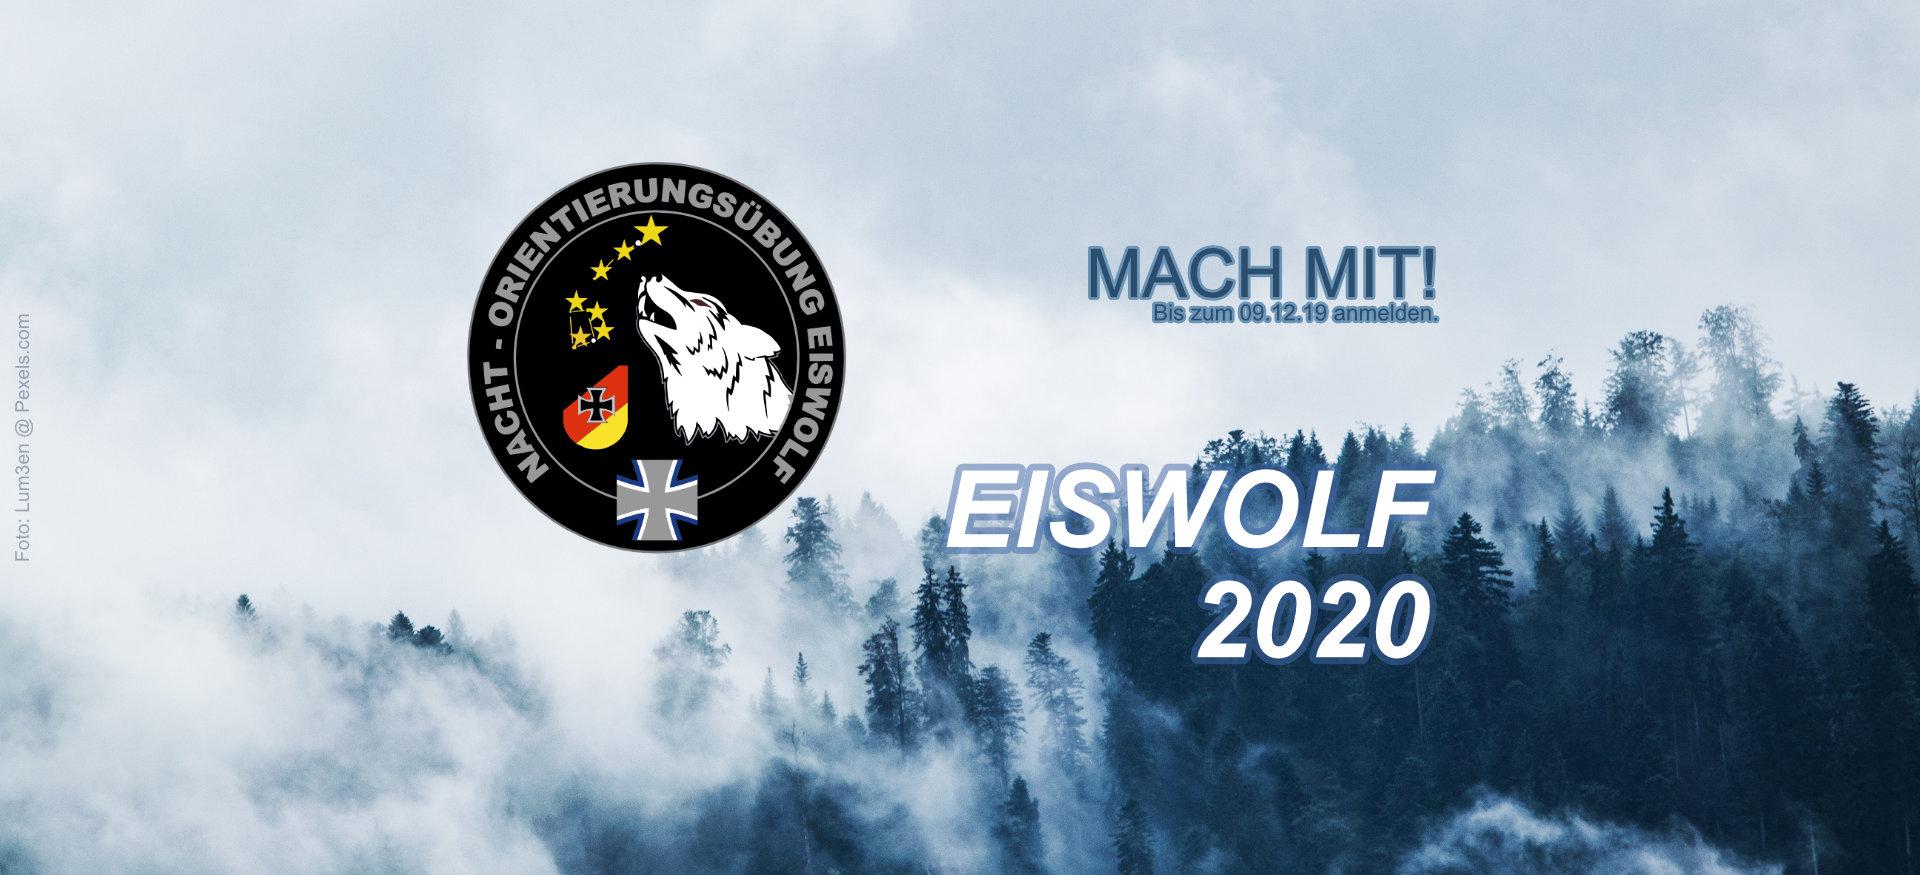 Eiswolf 2020